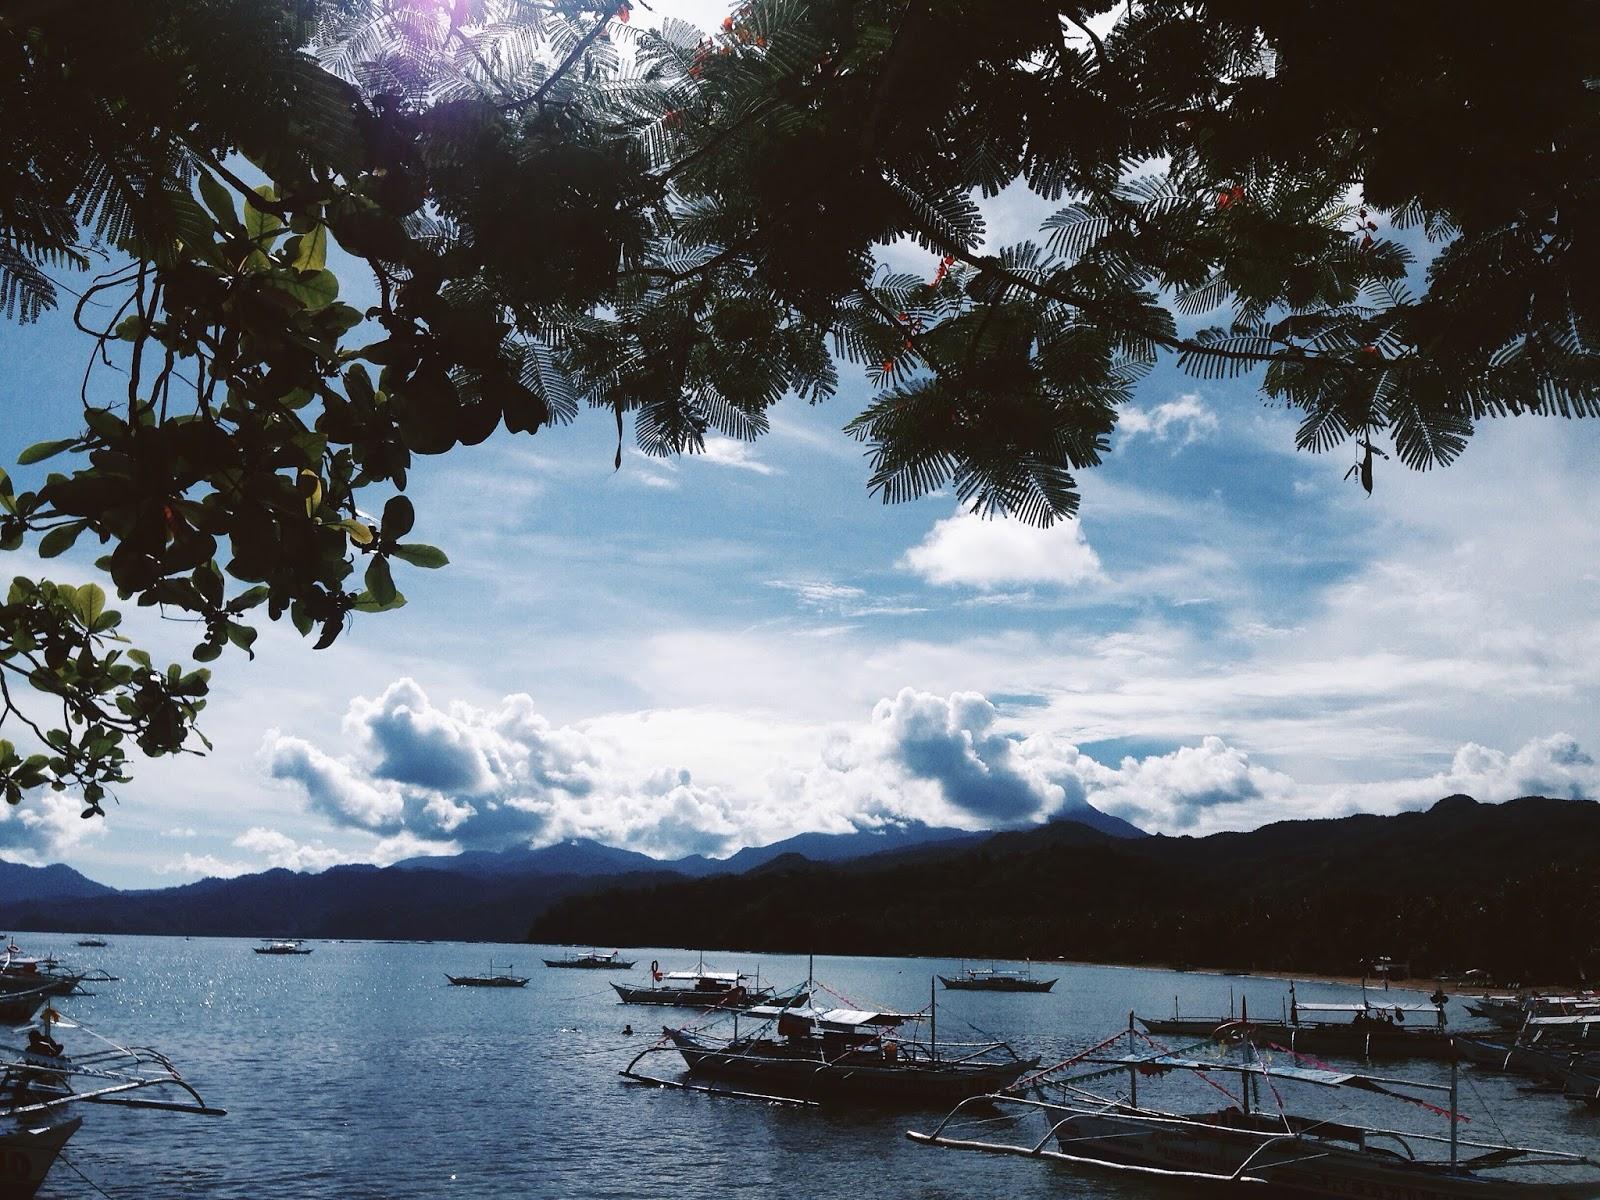 Sabang Port, Puerto Princesa